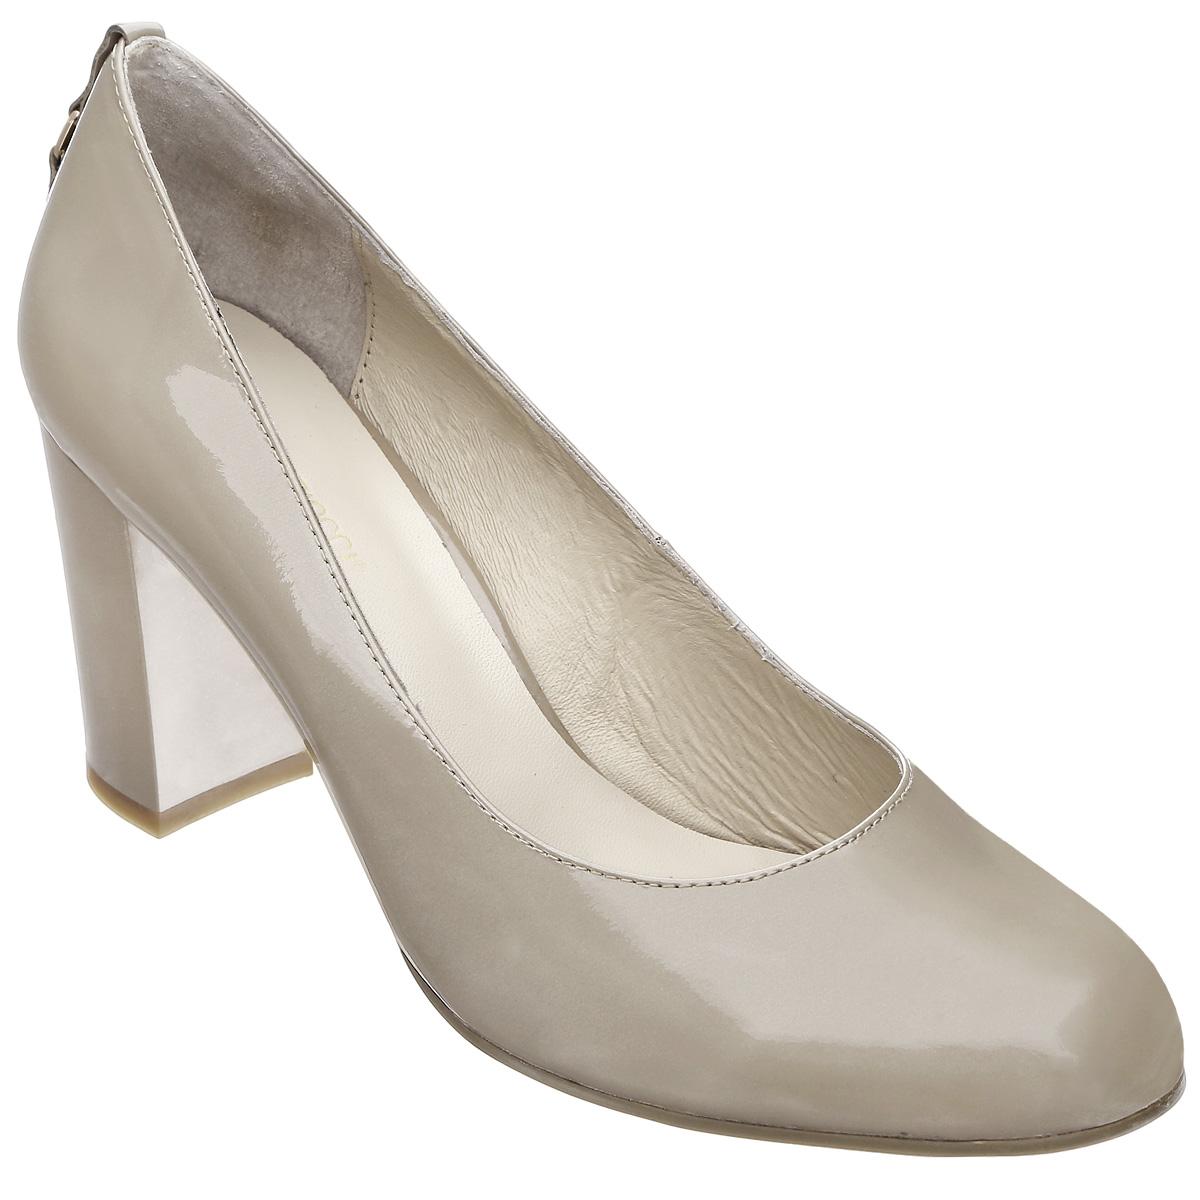 Туфли женские. 5282952829Модные женские туфли от Antonio Biaggi покорят вас с первого взгляда. Модель с округлым мысом выполнена из лакированной кожи. Задник оформлен декоративным ремешком, украшенным металлической пластиной с гравировкой в виде названия бренда. Стелька из натуральной кожи обеспечивает комфорт при ходьбе. Умеренной высоты толстый каблук обеспечит комфорт при ходьбе. Подошва и каблук дополнены противоскользящим рифлением. Стильные туфли подчеркнут вашу яркую индивидуальность, позволят выделиться среди окружающих.